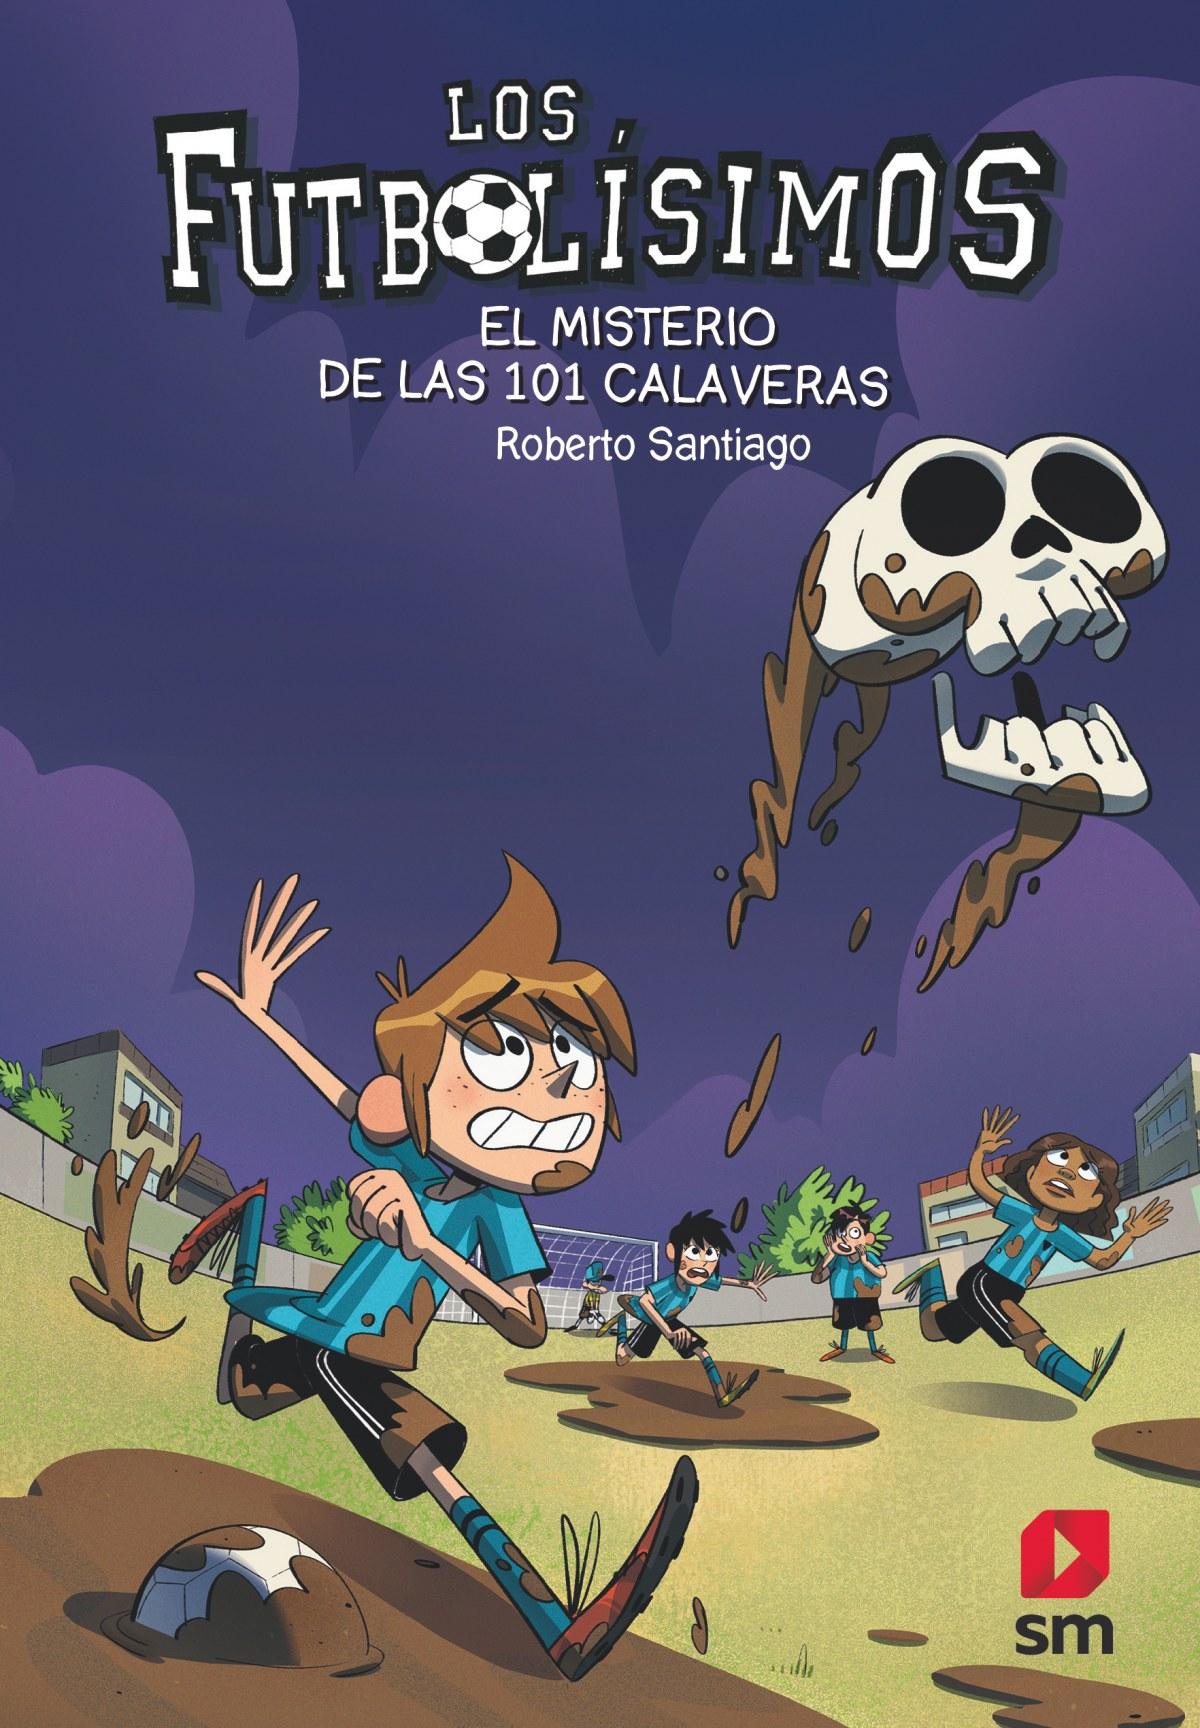 EL MISTERIO DE LAS 101 CALAVERAS 9788491825111